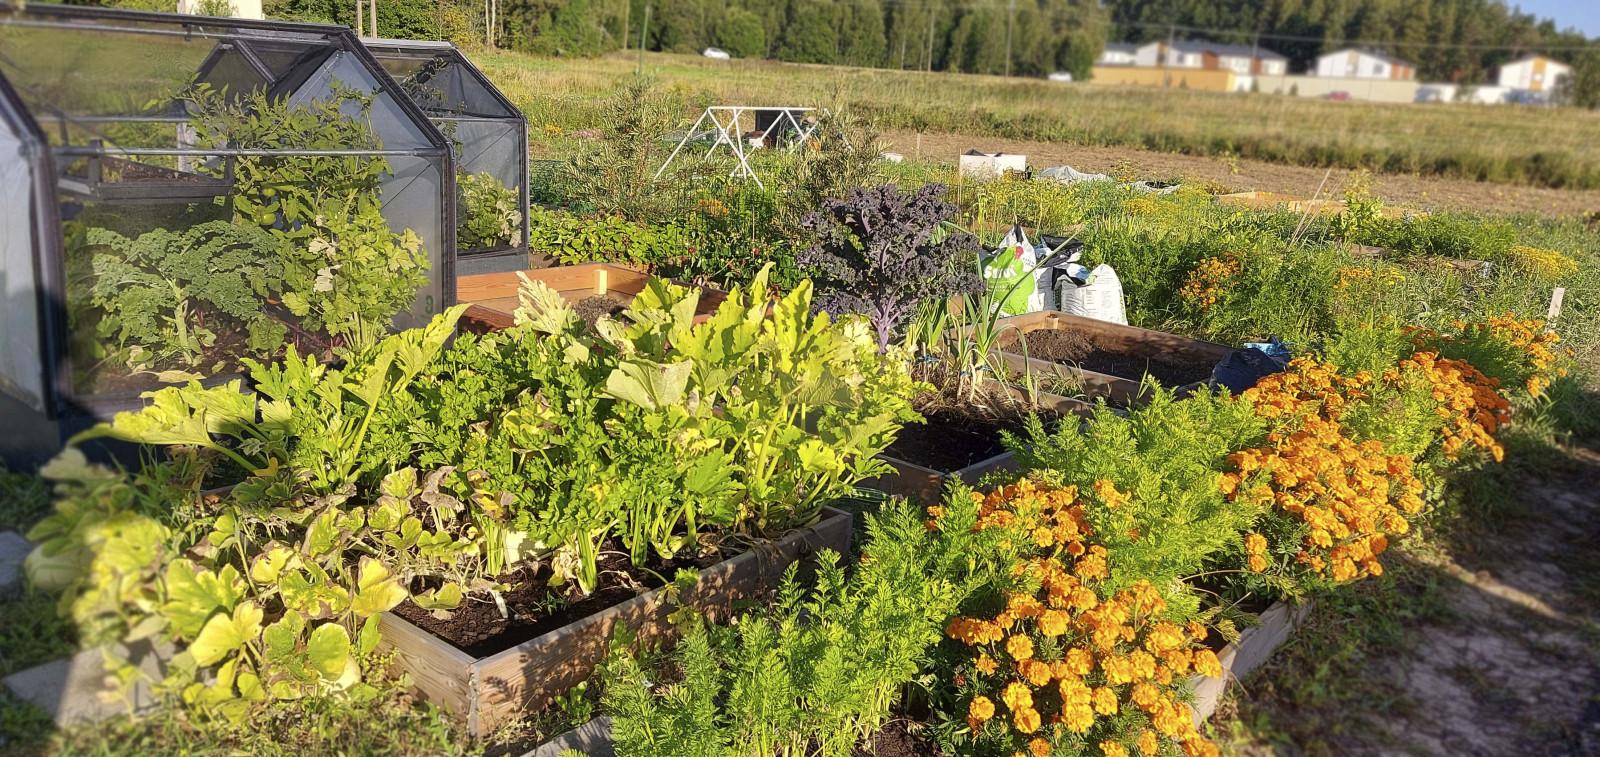 Pellon viljelypalstoilla kasvavia vihanneksia ja kesäkukkia